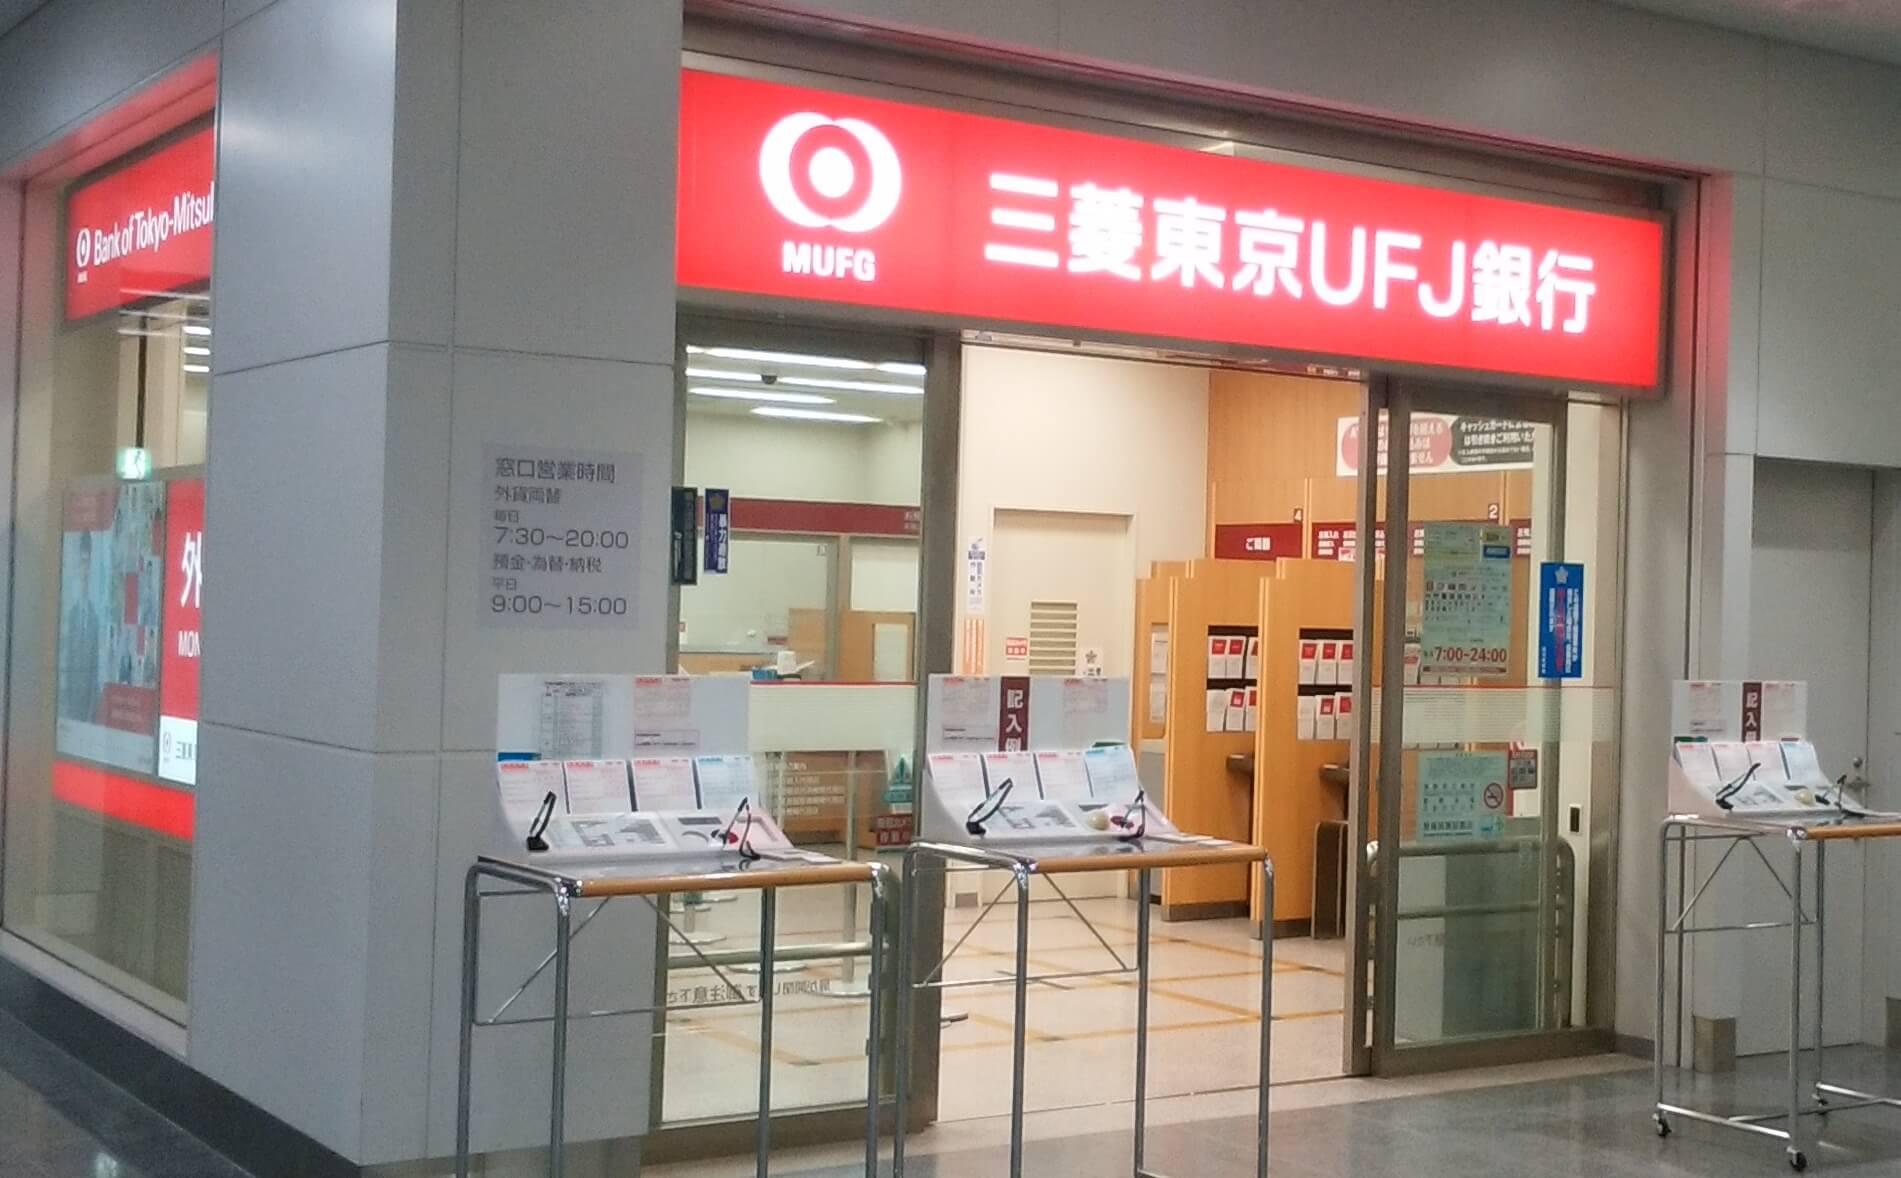 セントレア内にある三菱東京UFJ銀行